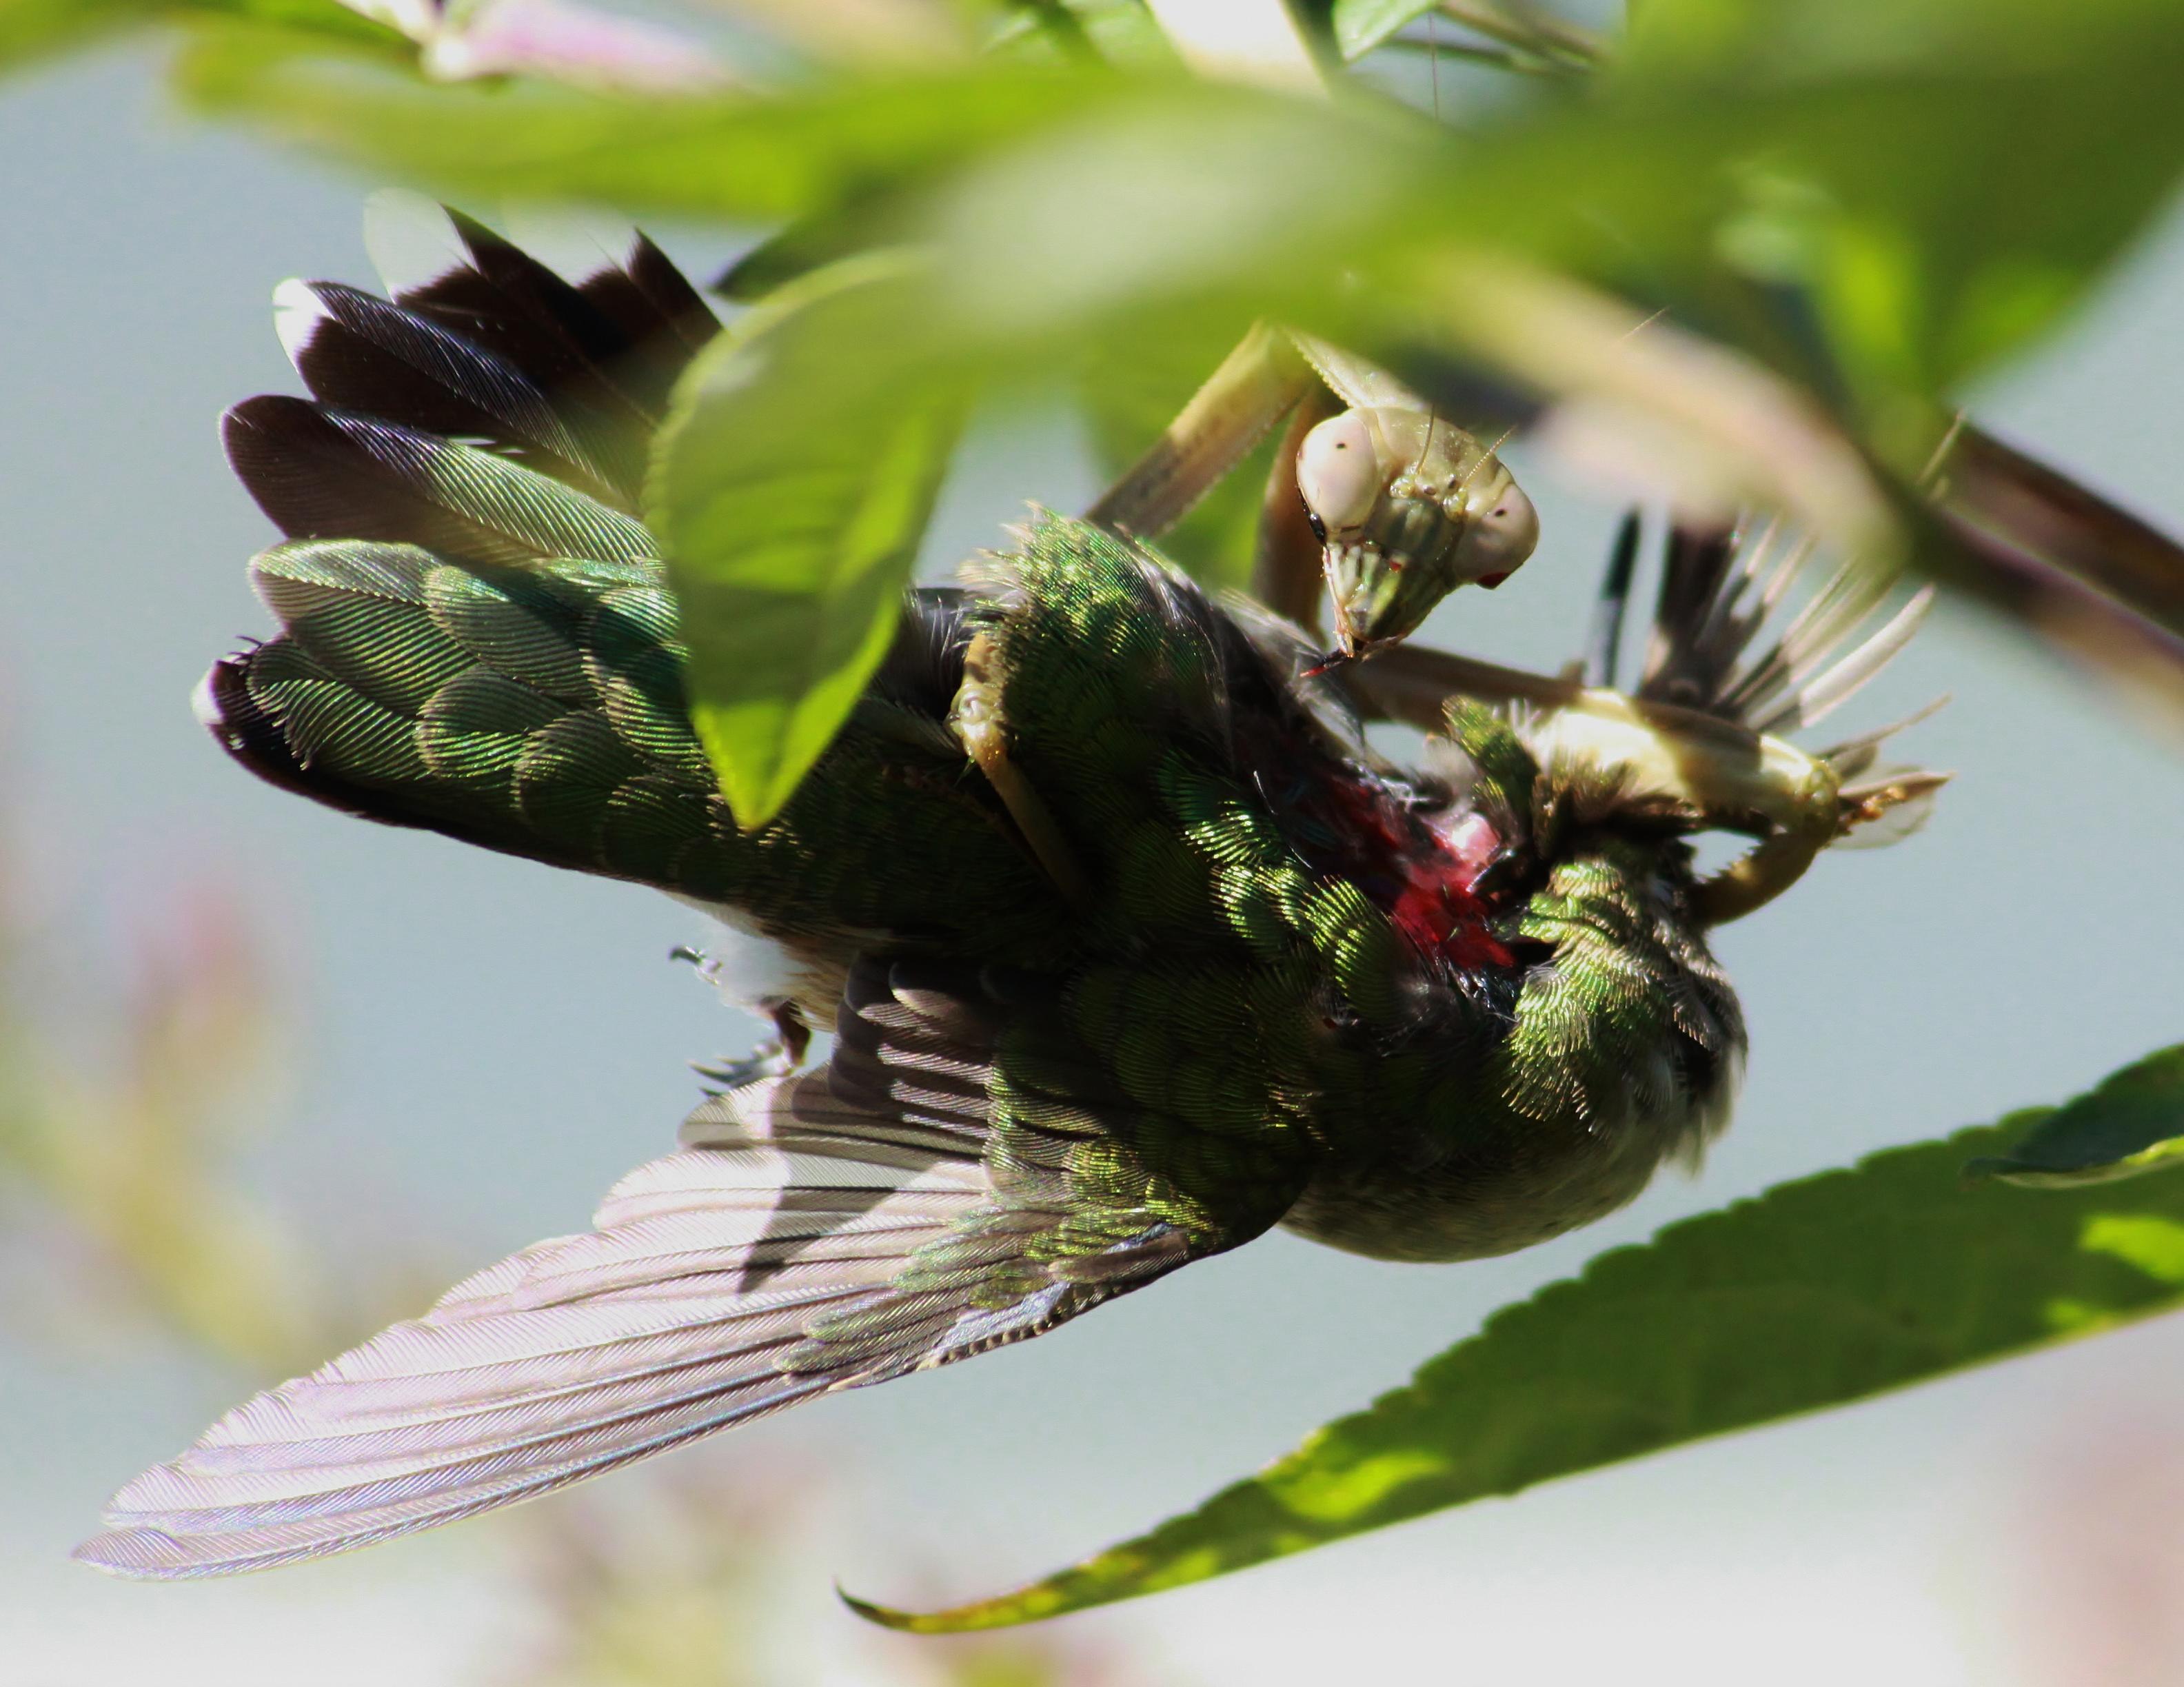 """Erfolgreiche Jagd: Gottesanbeterin (Tenodera sinensis) mit einem Rubinkehlkolibri (Archilochus colubris) als Beute. Illinois, USA. Bild: mit freundlicher Genehmigung von """"What's That Bug?"""", Randy Anderson"""